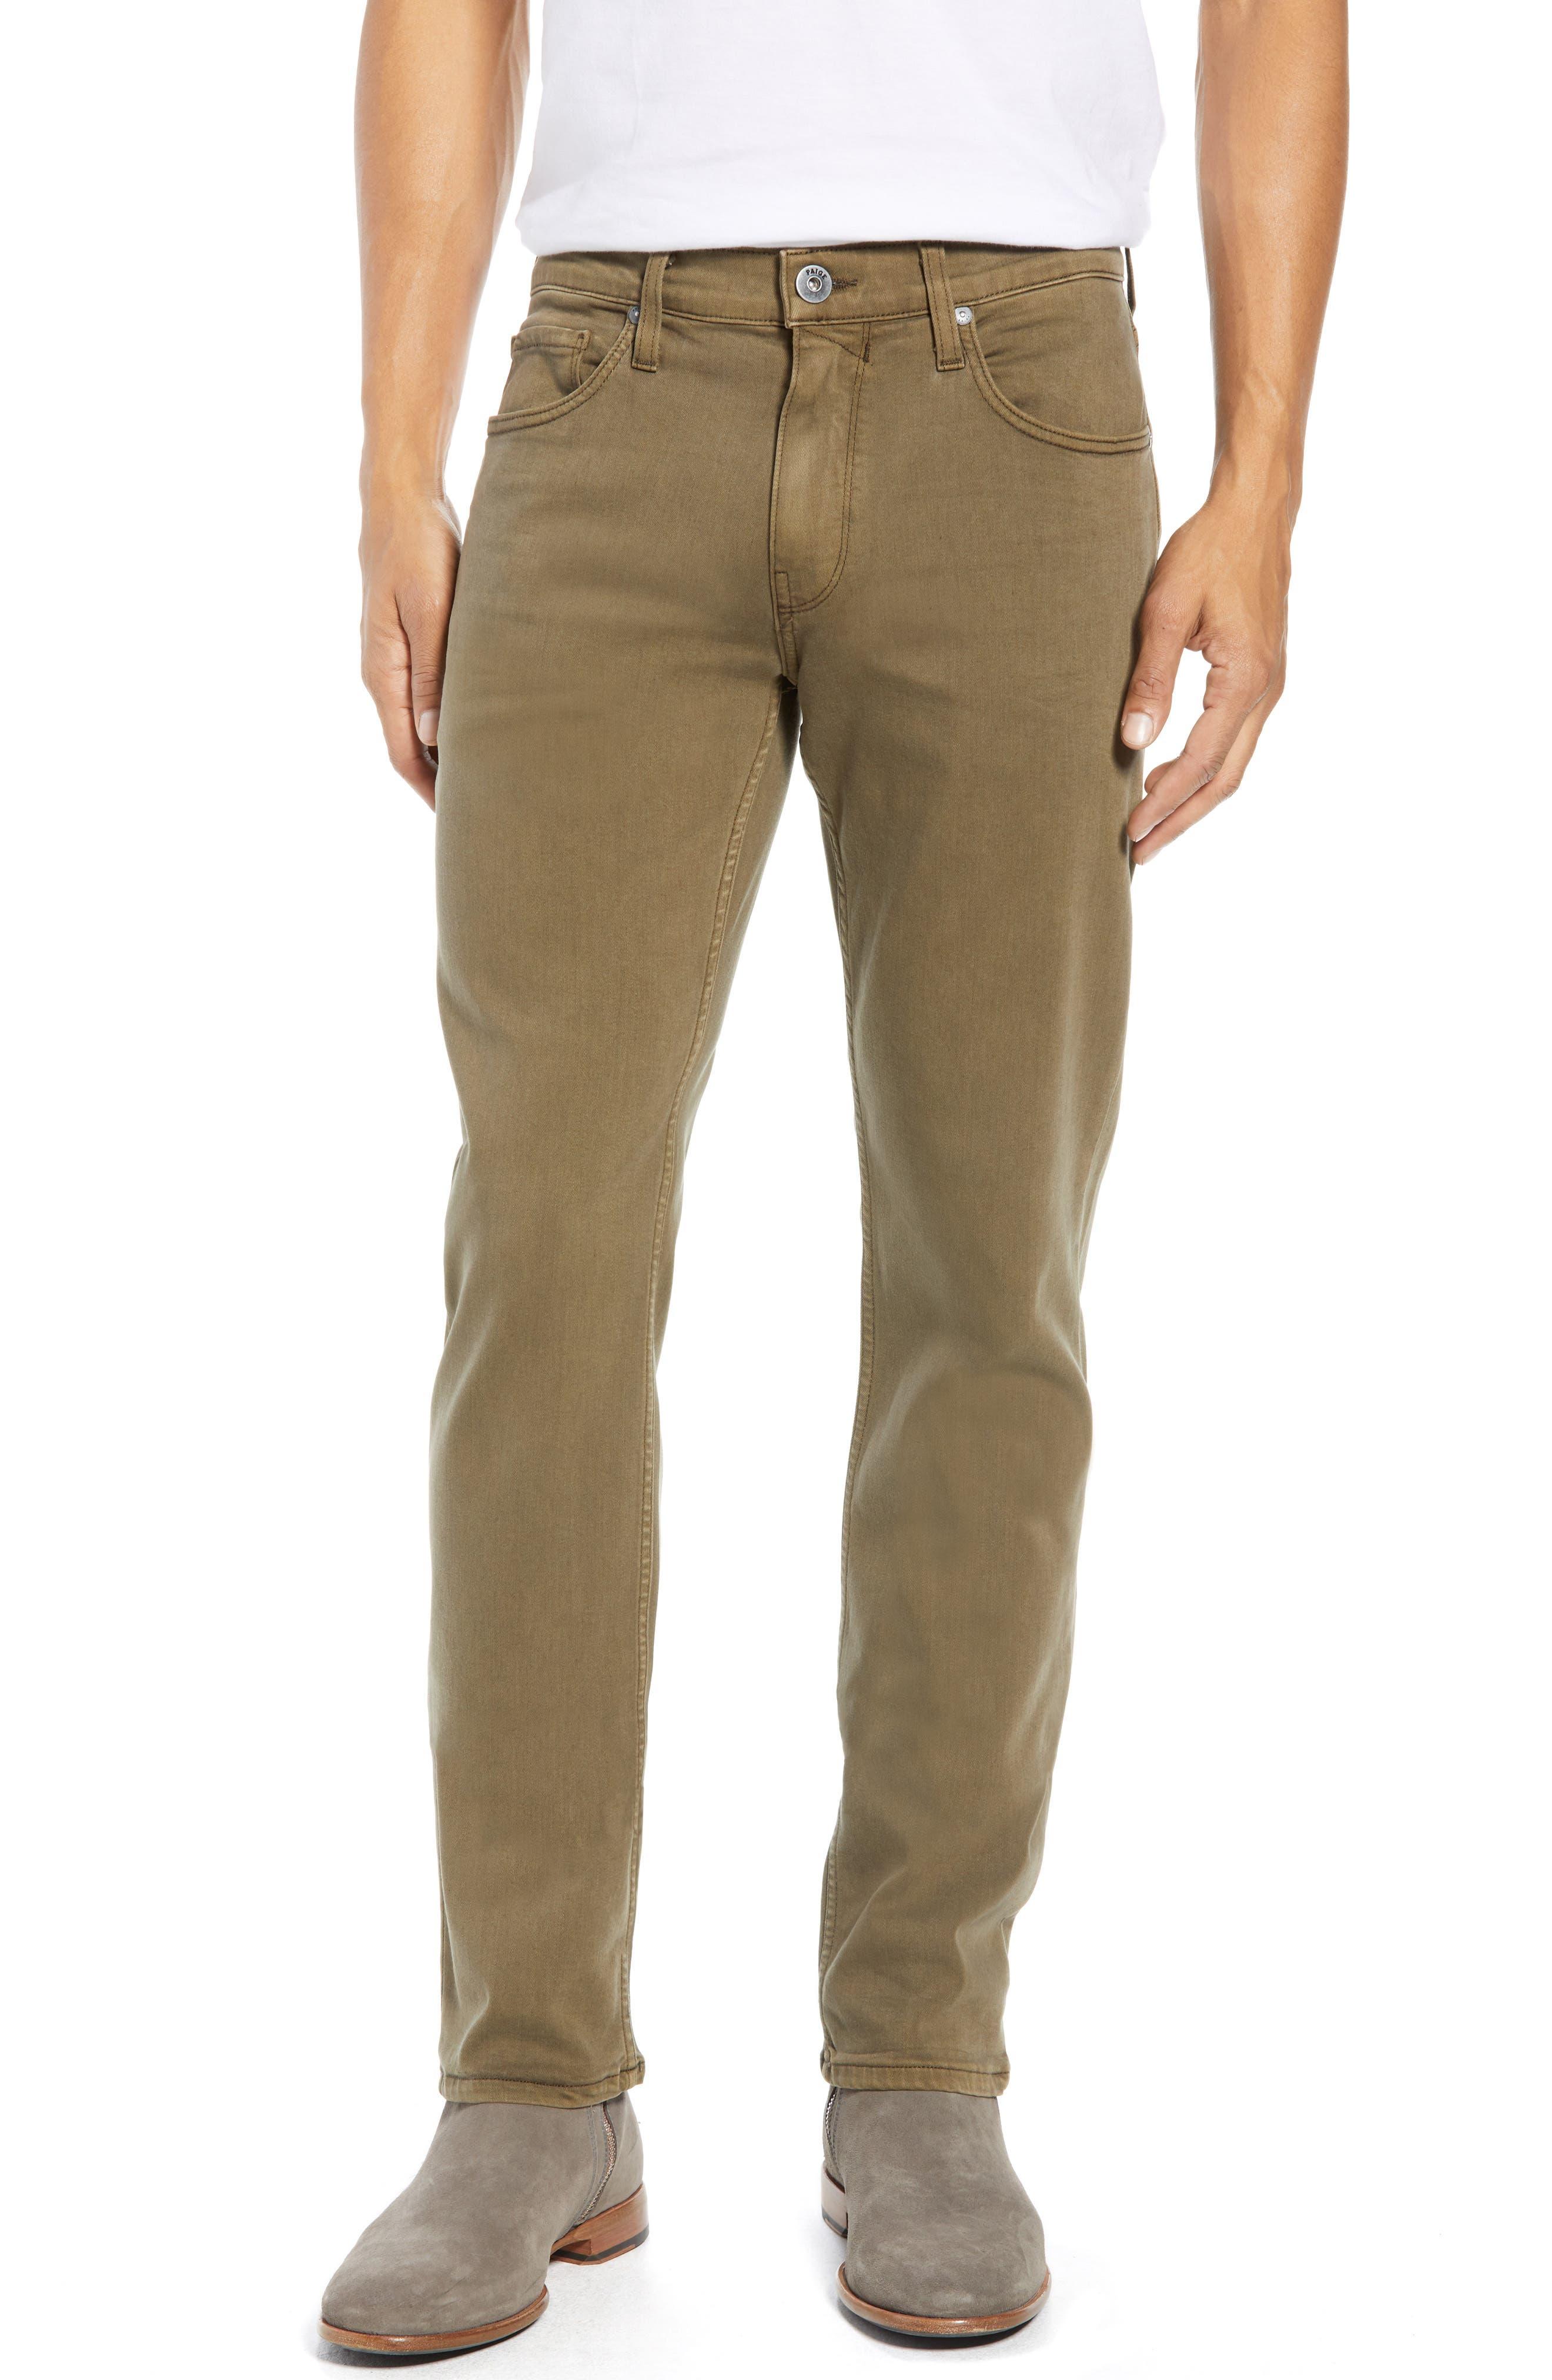 PAIGE,                             Transcend - Federal Slim Straight Leg Jeans,                             Main thumbnail 1, color,                             VINTAGE ARTICHOKE